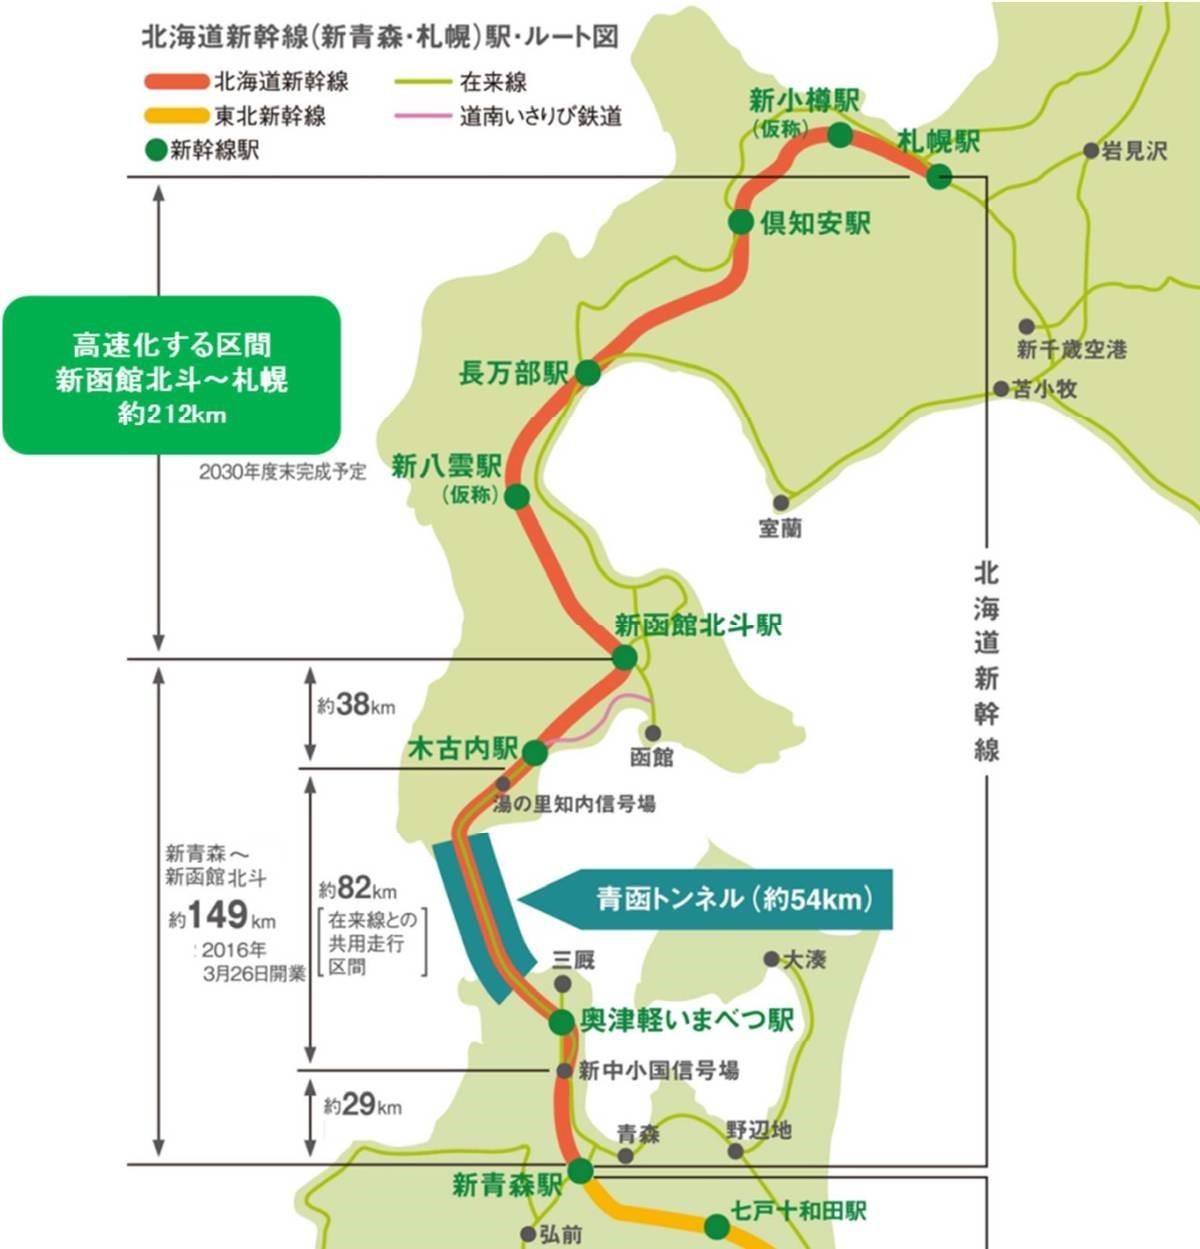 北海道新幹線高速化